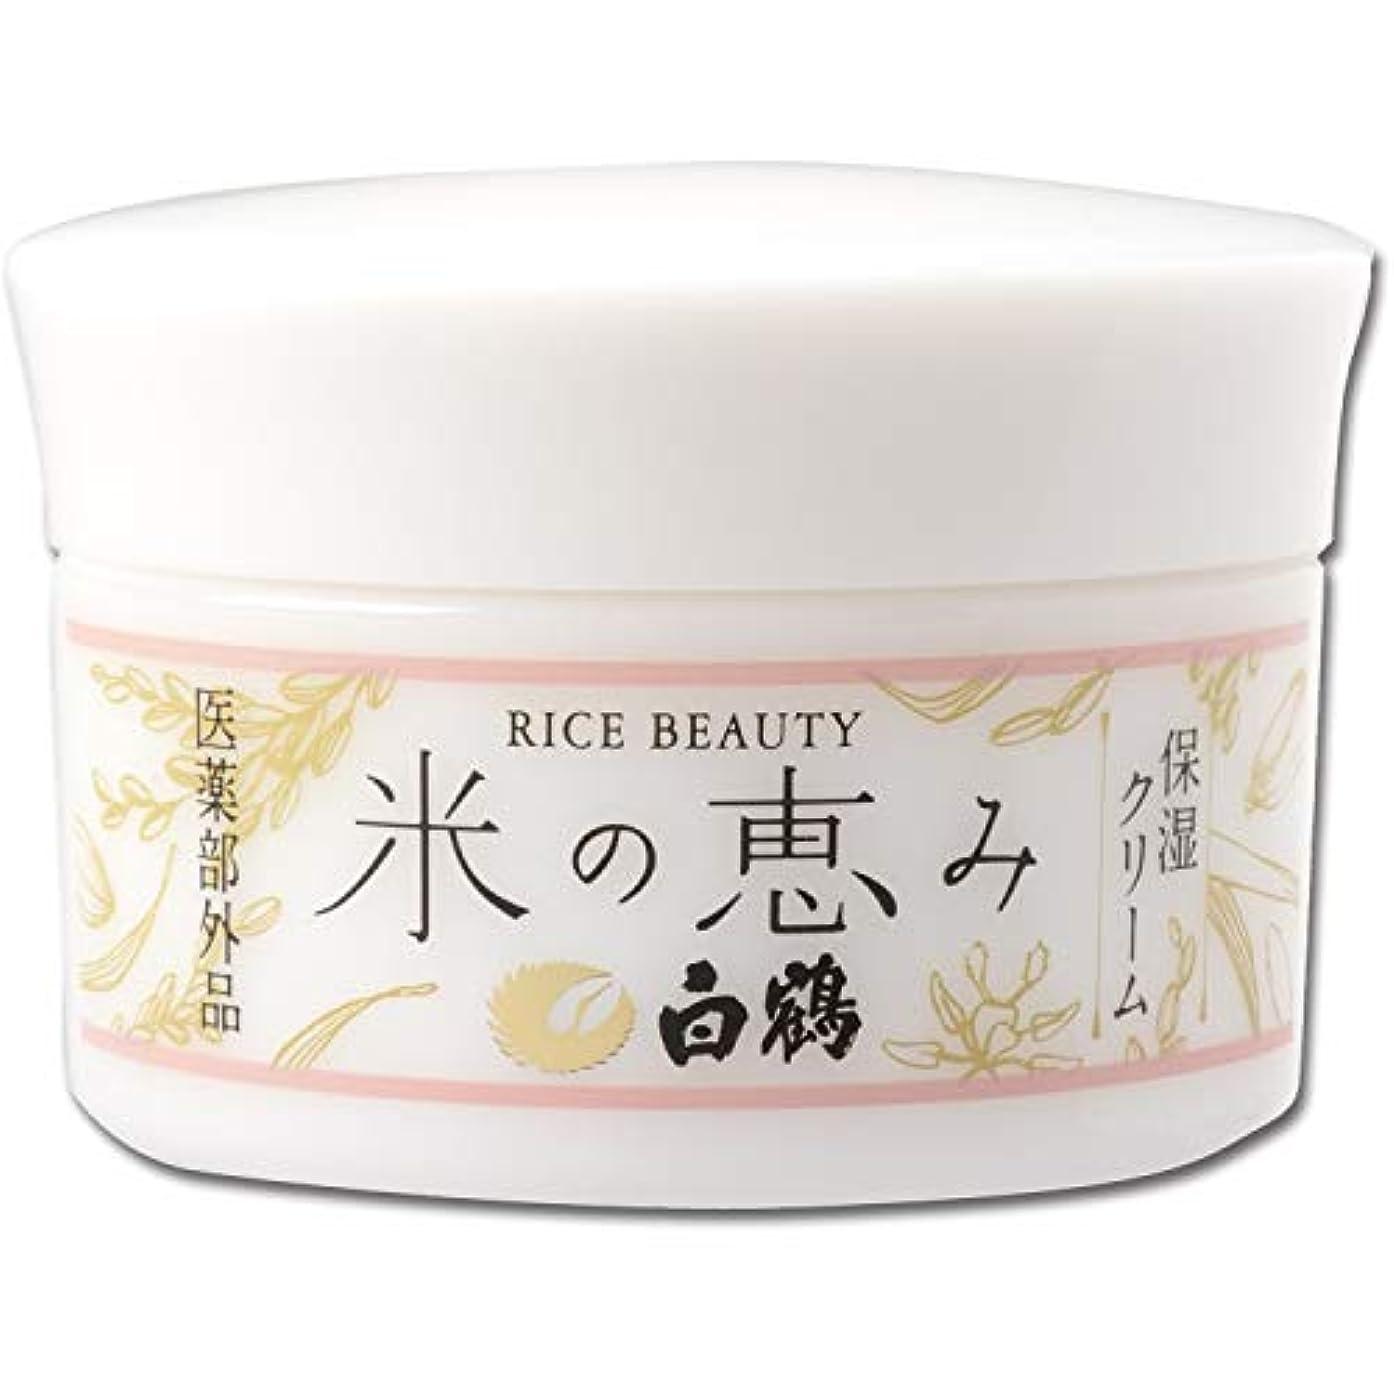 逮捕散髪クリップ白鶴 ライスビューティー 米の恵み 保湿クリーム 48g (医薬部外品)